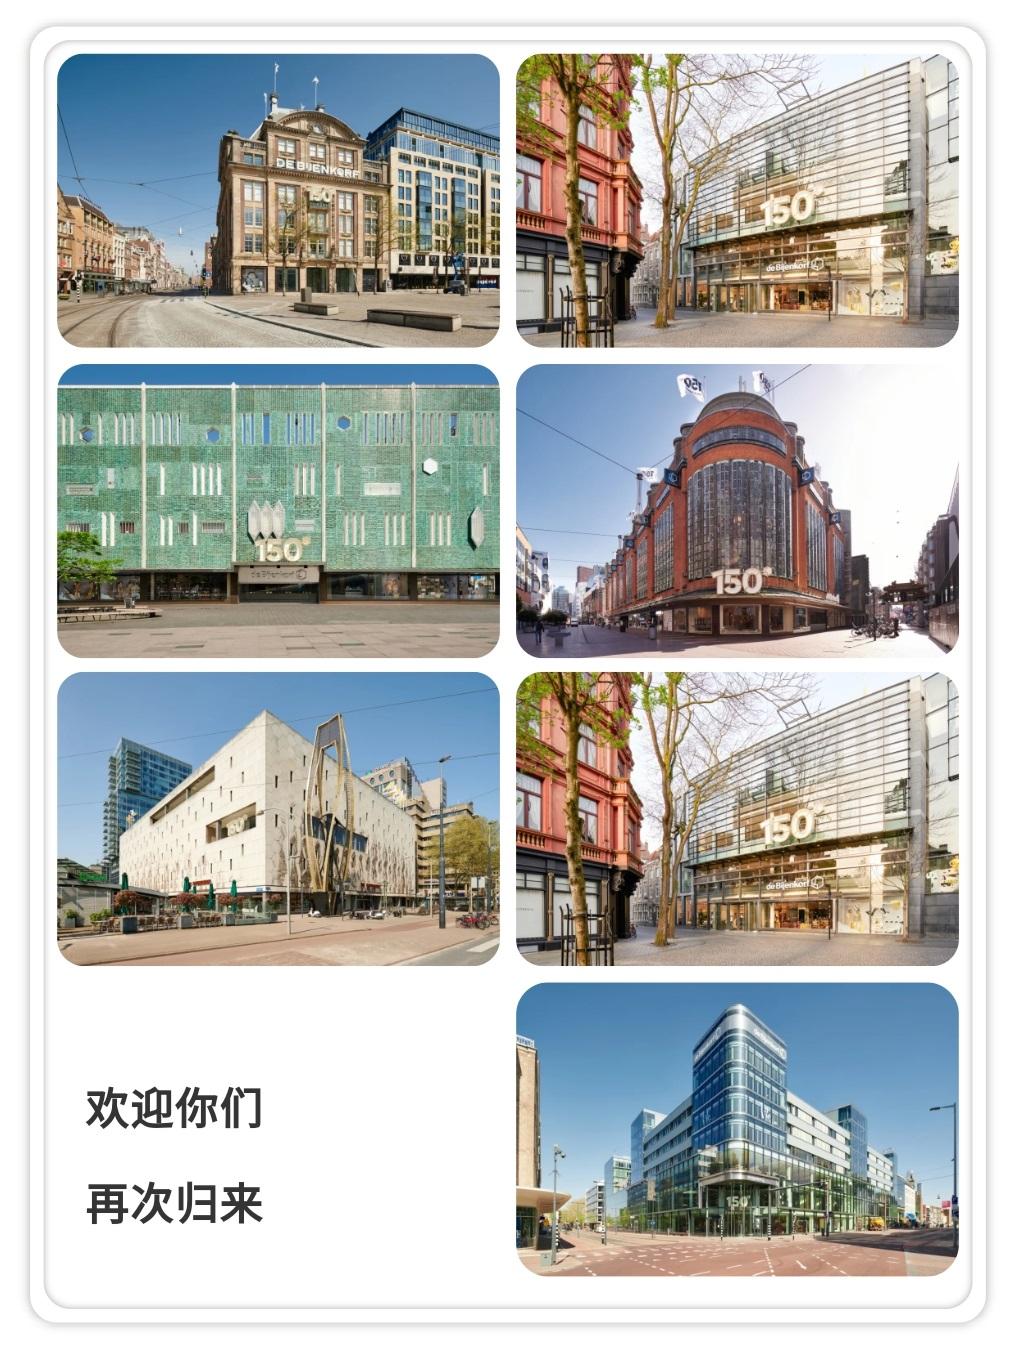 微信图片_20200425142111.jpg